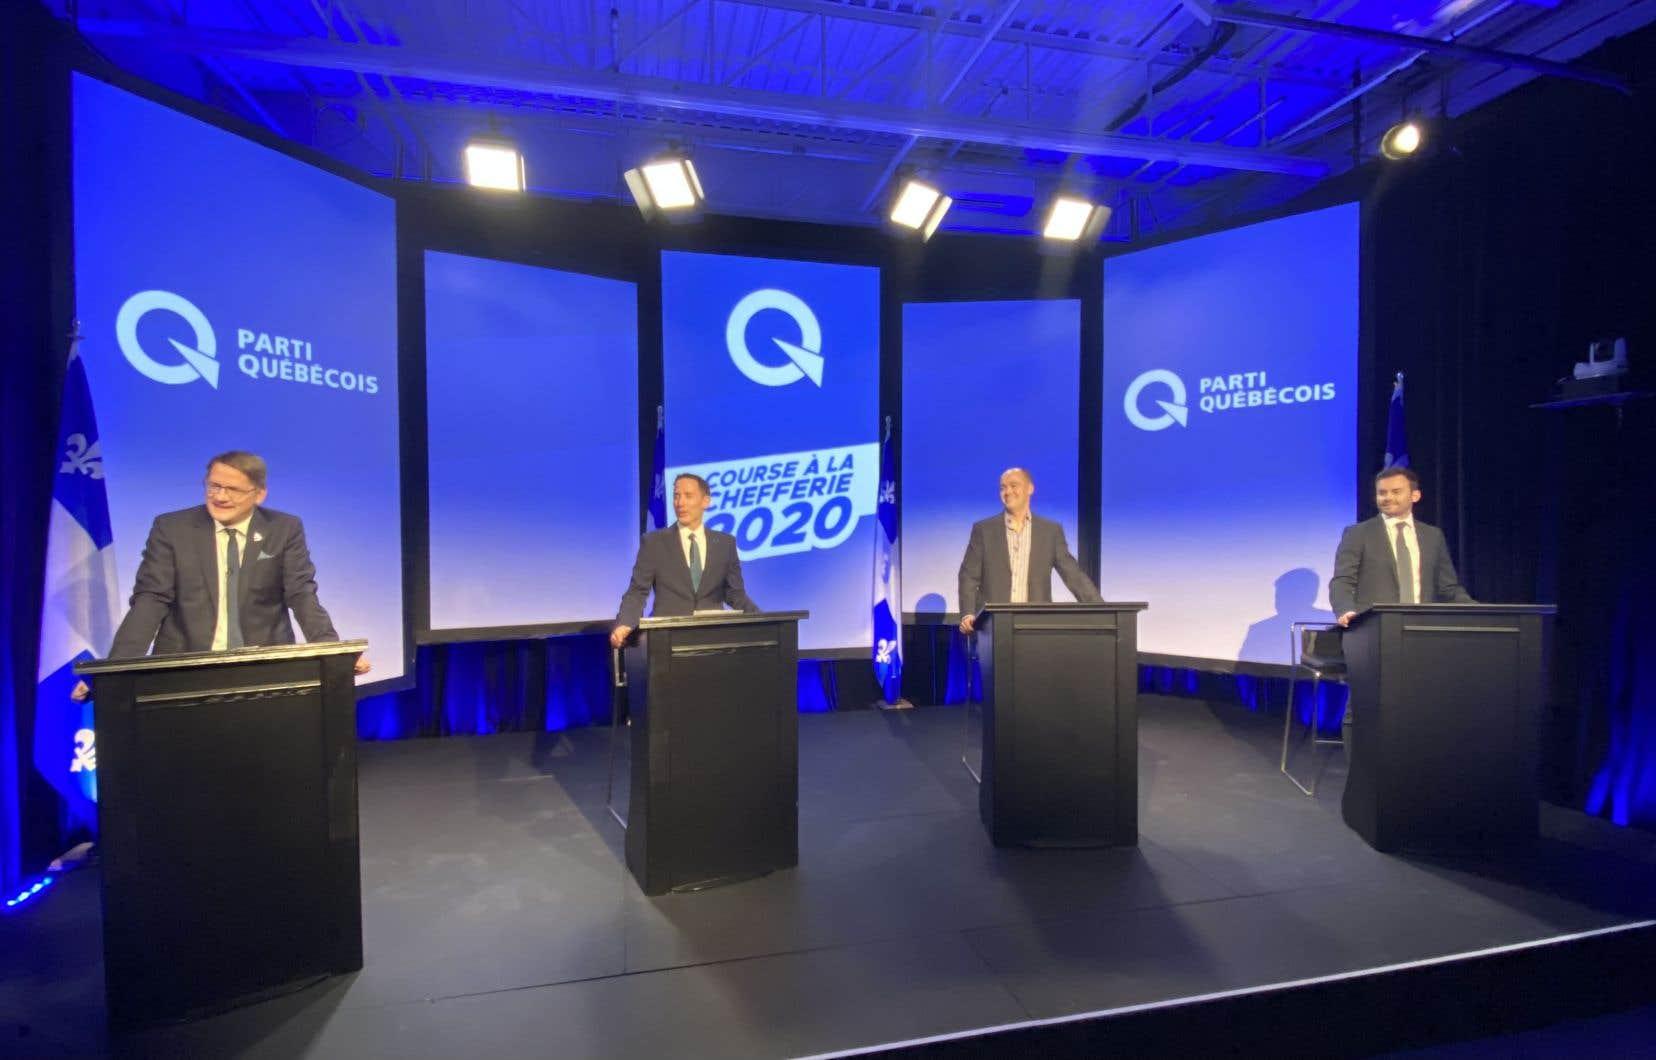 Le troisième et dernier débat de la course à la direction du Parti Québécois, animé, mardi, par l'ex-présidente du parti, Gabrielle Lemieux, portait sur le nationalisme, la protection de l'environnement et le territoire.